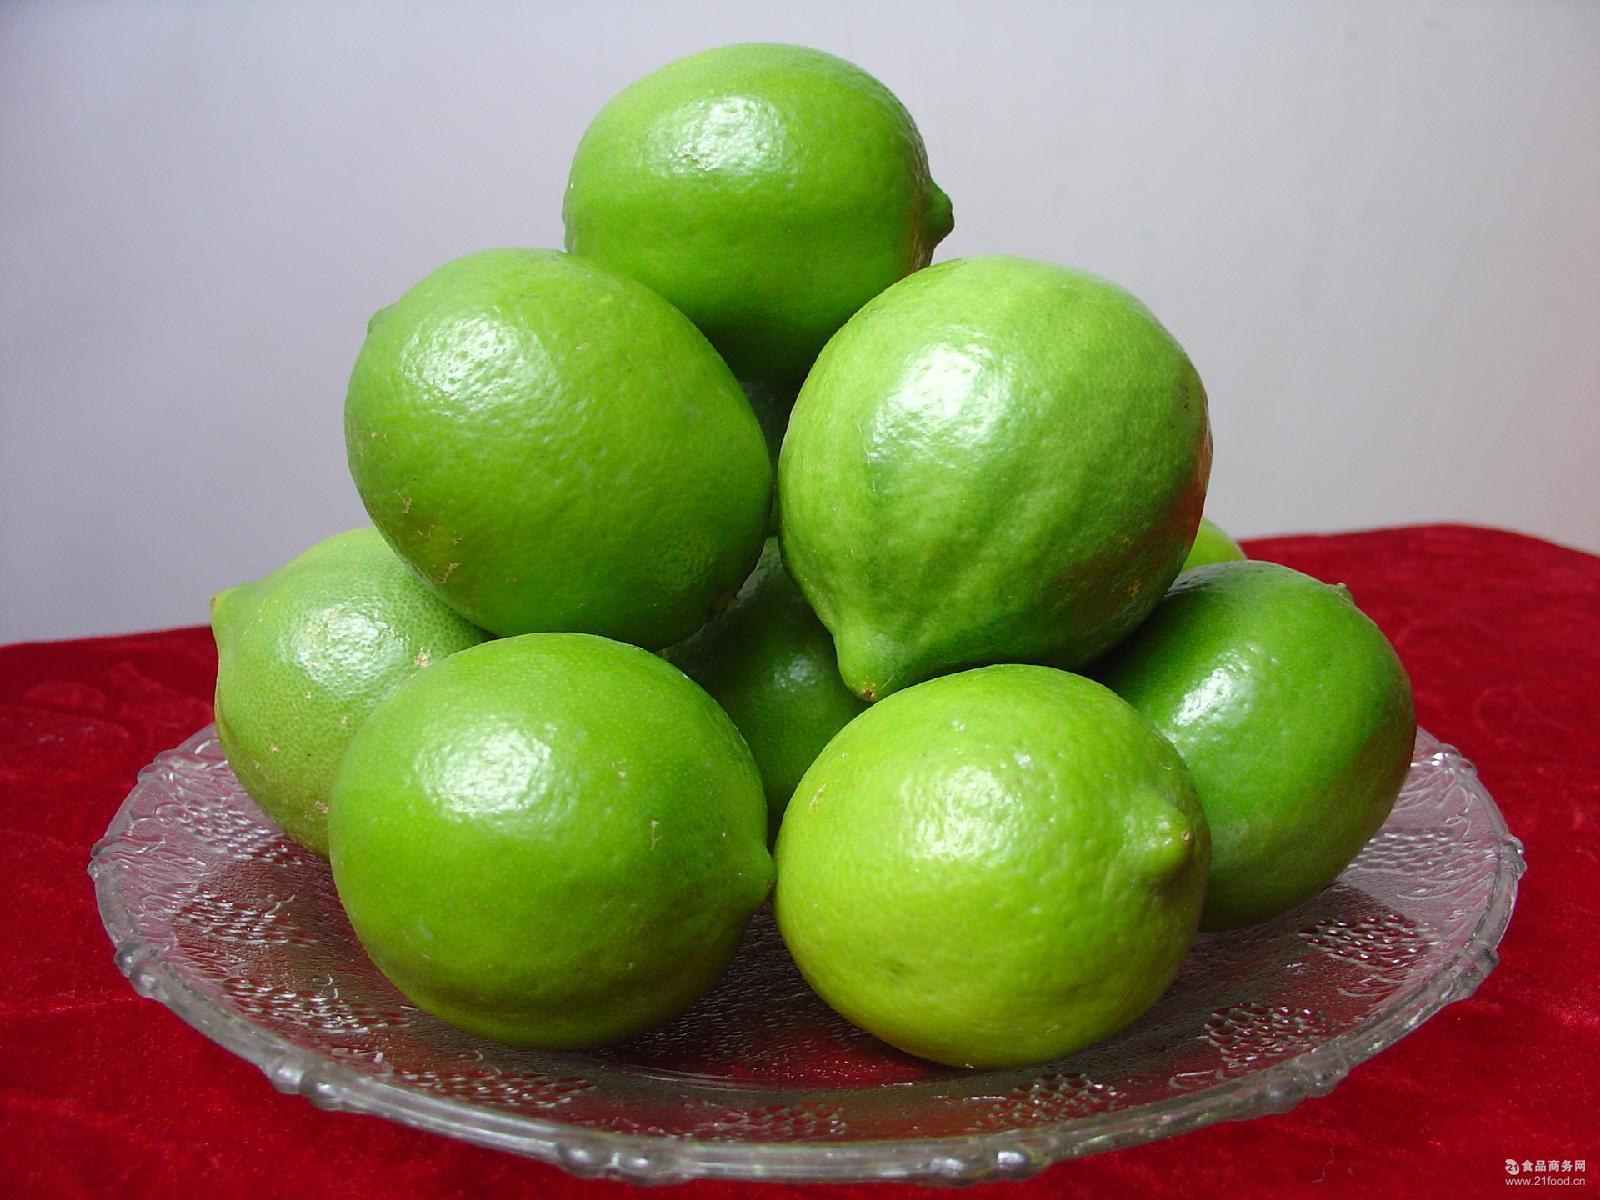 凉果蜜饯 代台湾水果批发 休闲食品 台湾青柠檬